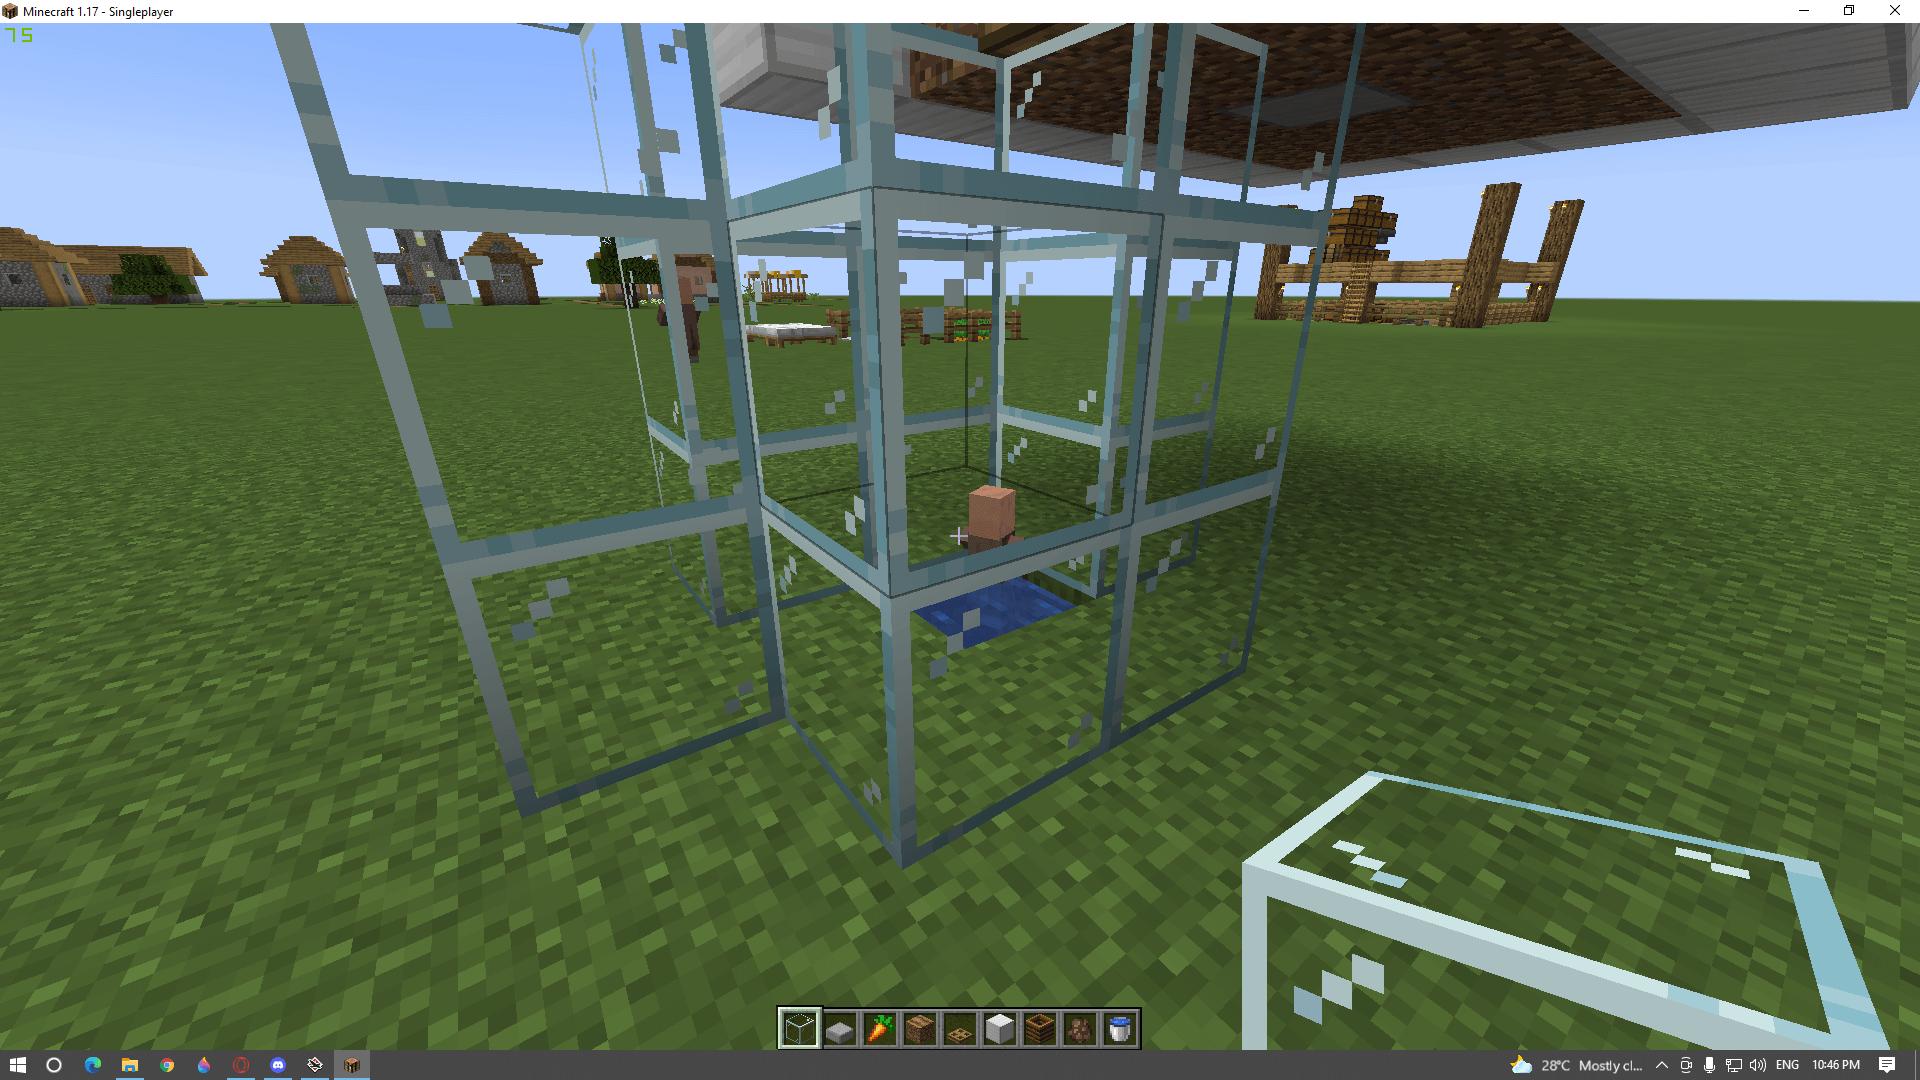 stage 3 villager breeder